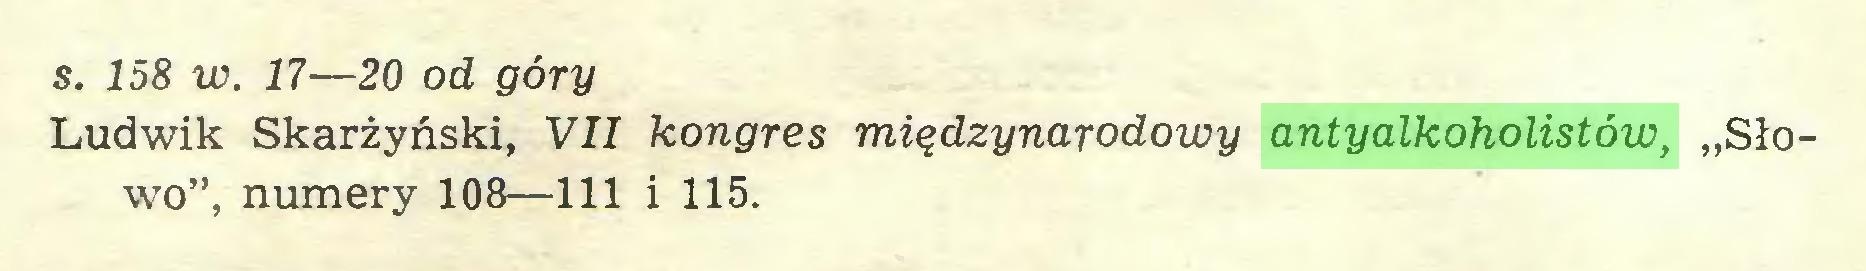 """(...) s. 158 w. 17—20 od góry Ludwik Skarżyński, VII kongres międzynarodowy antyalkoholistów, """"Słowo"""", numery 108—111 i 115..."""